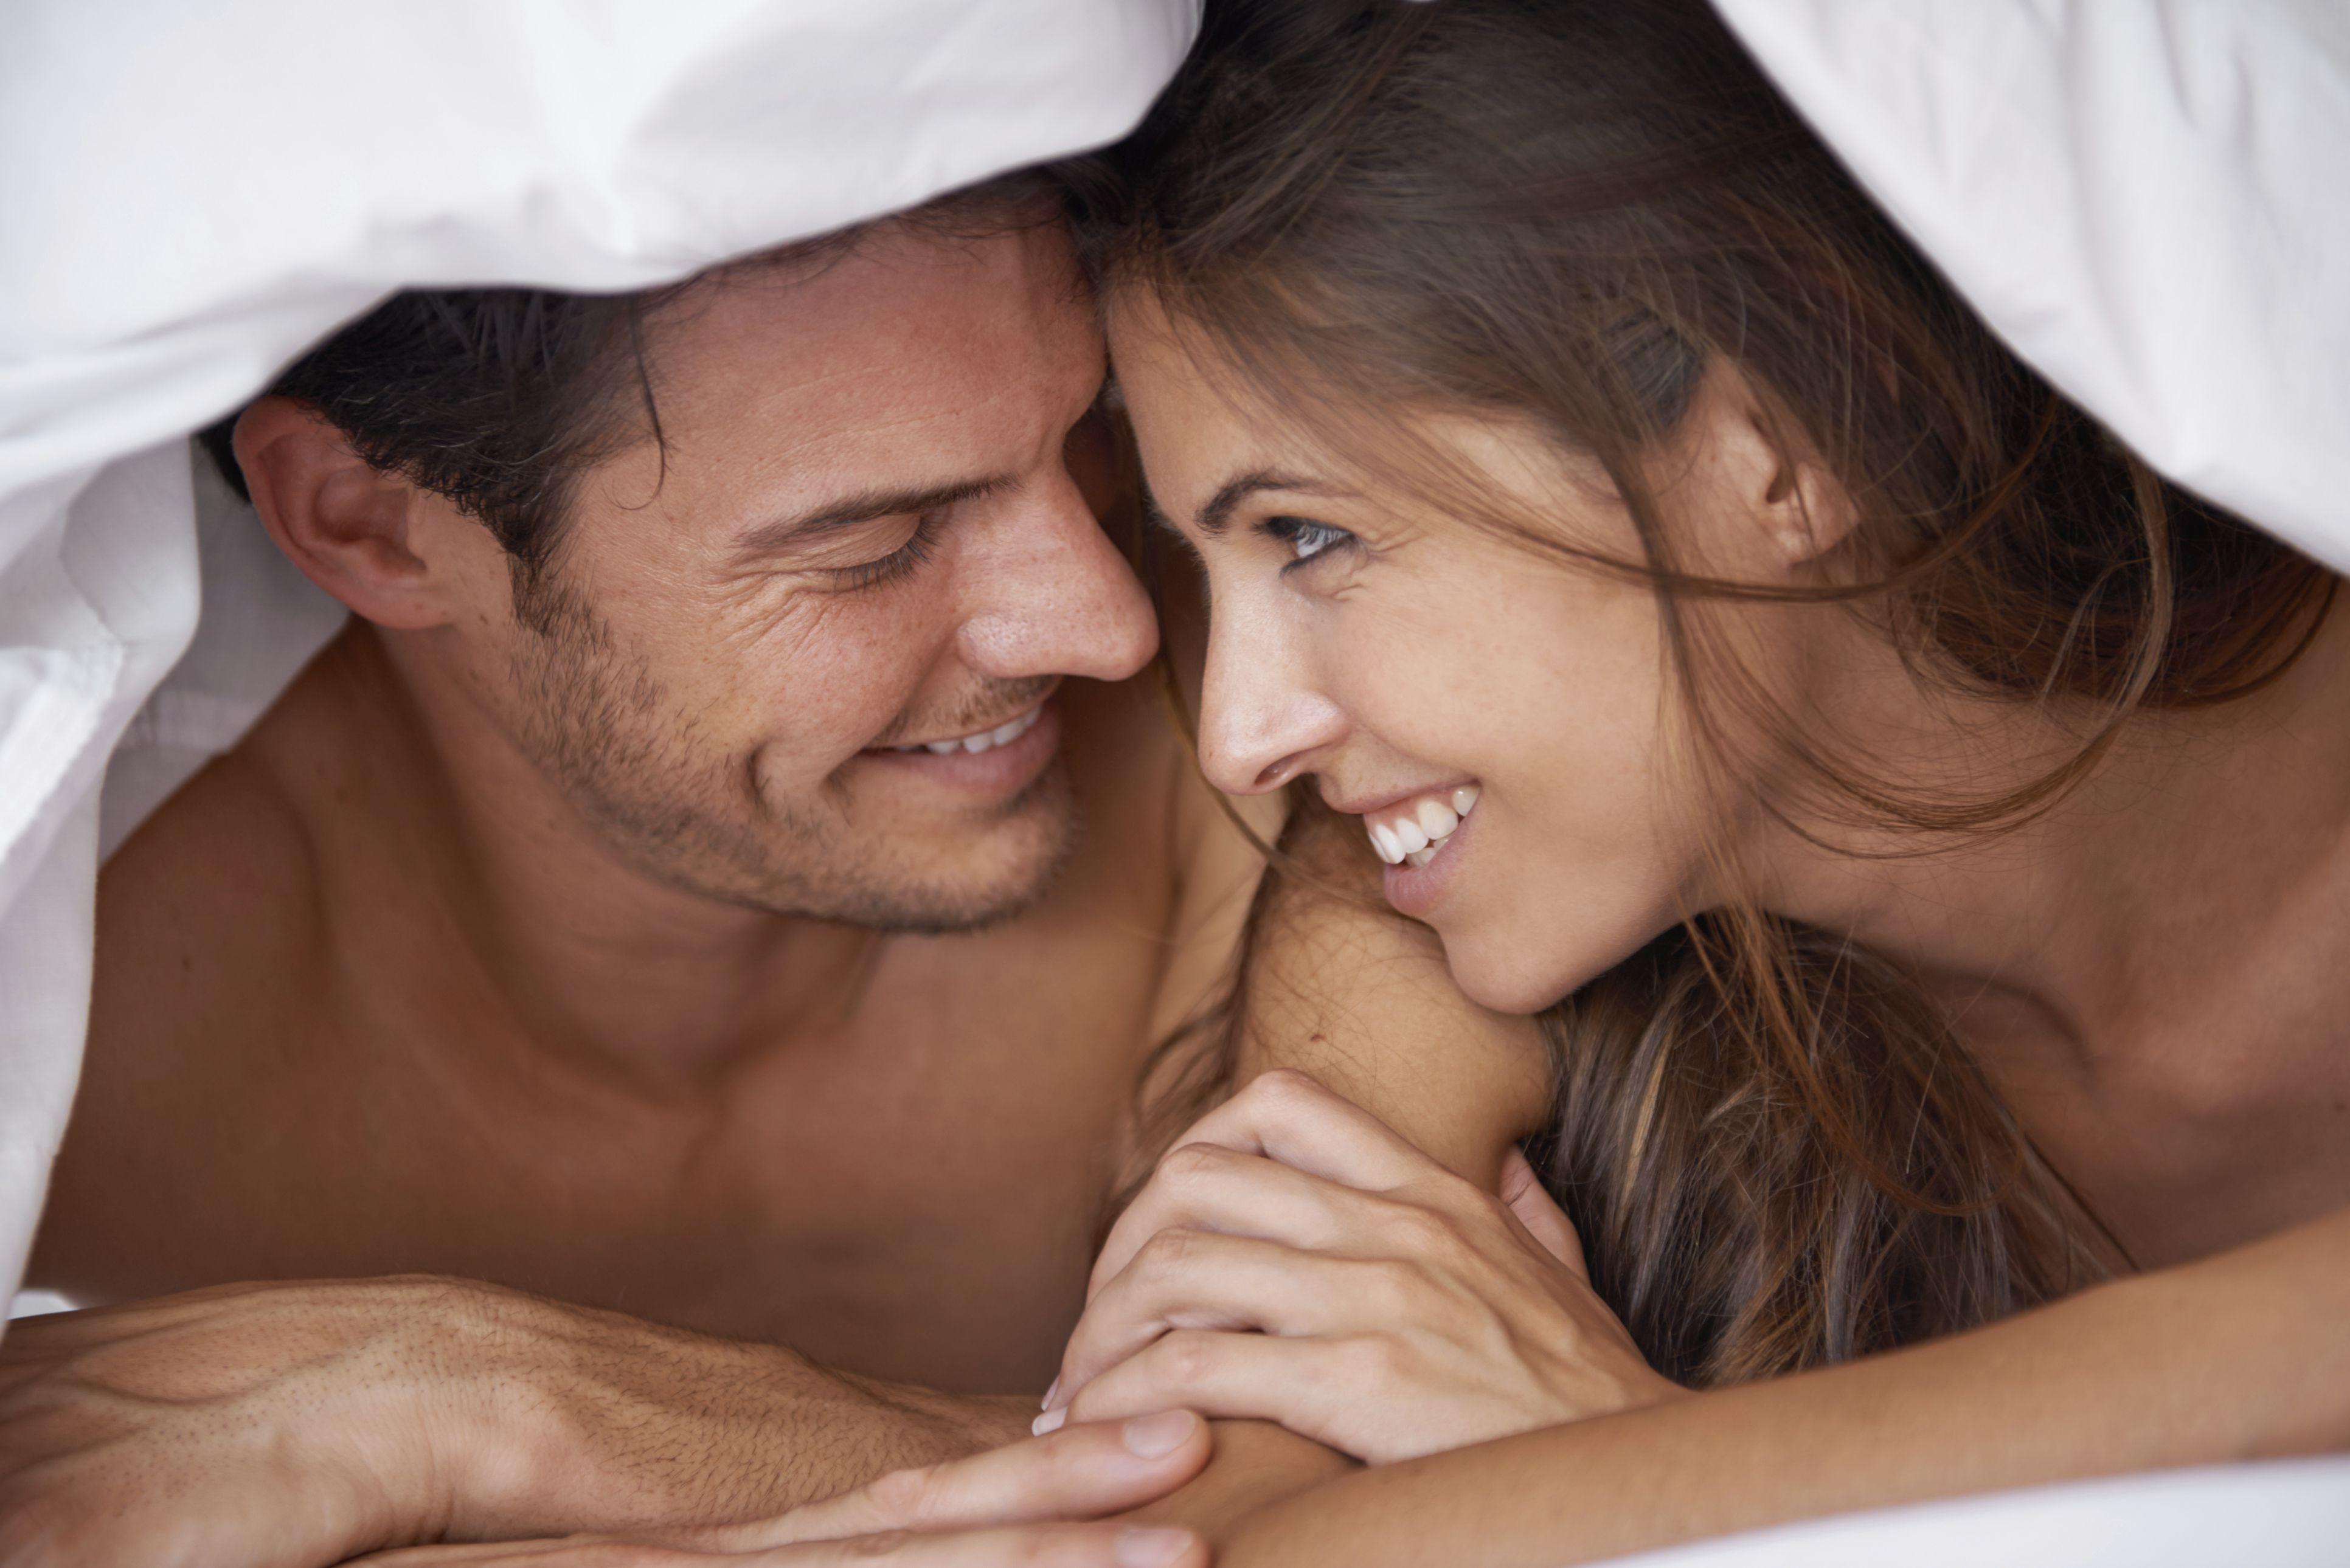 сексуальные отношения между супругами фото день сможете